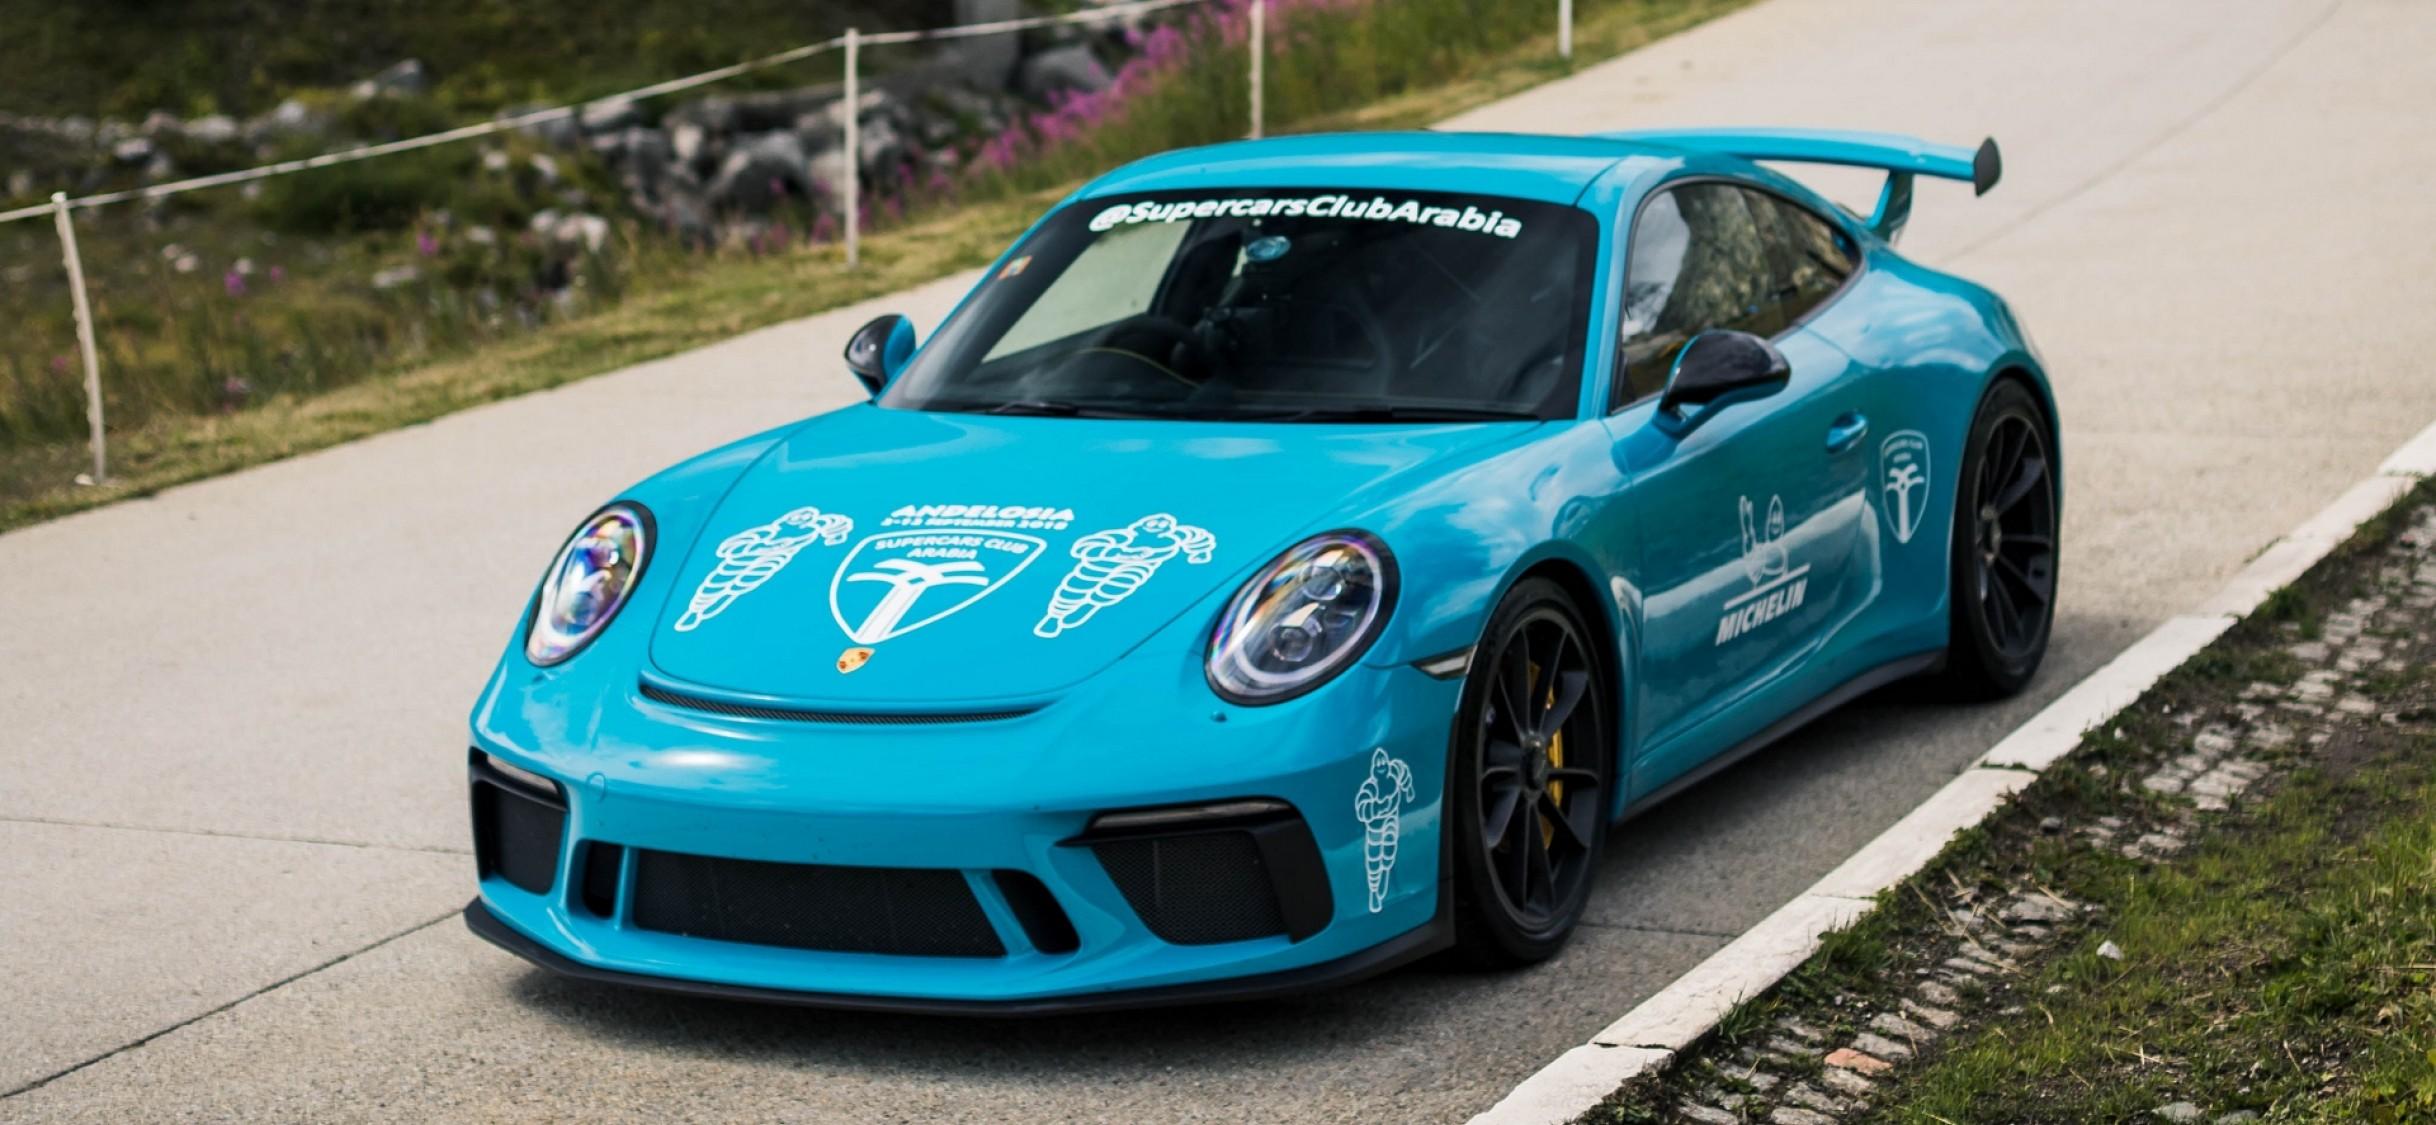 Blue Porsche 911 Gt3 Hd Wallpaper Iphone X Hd Wallpaper